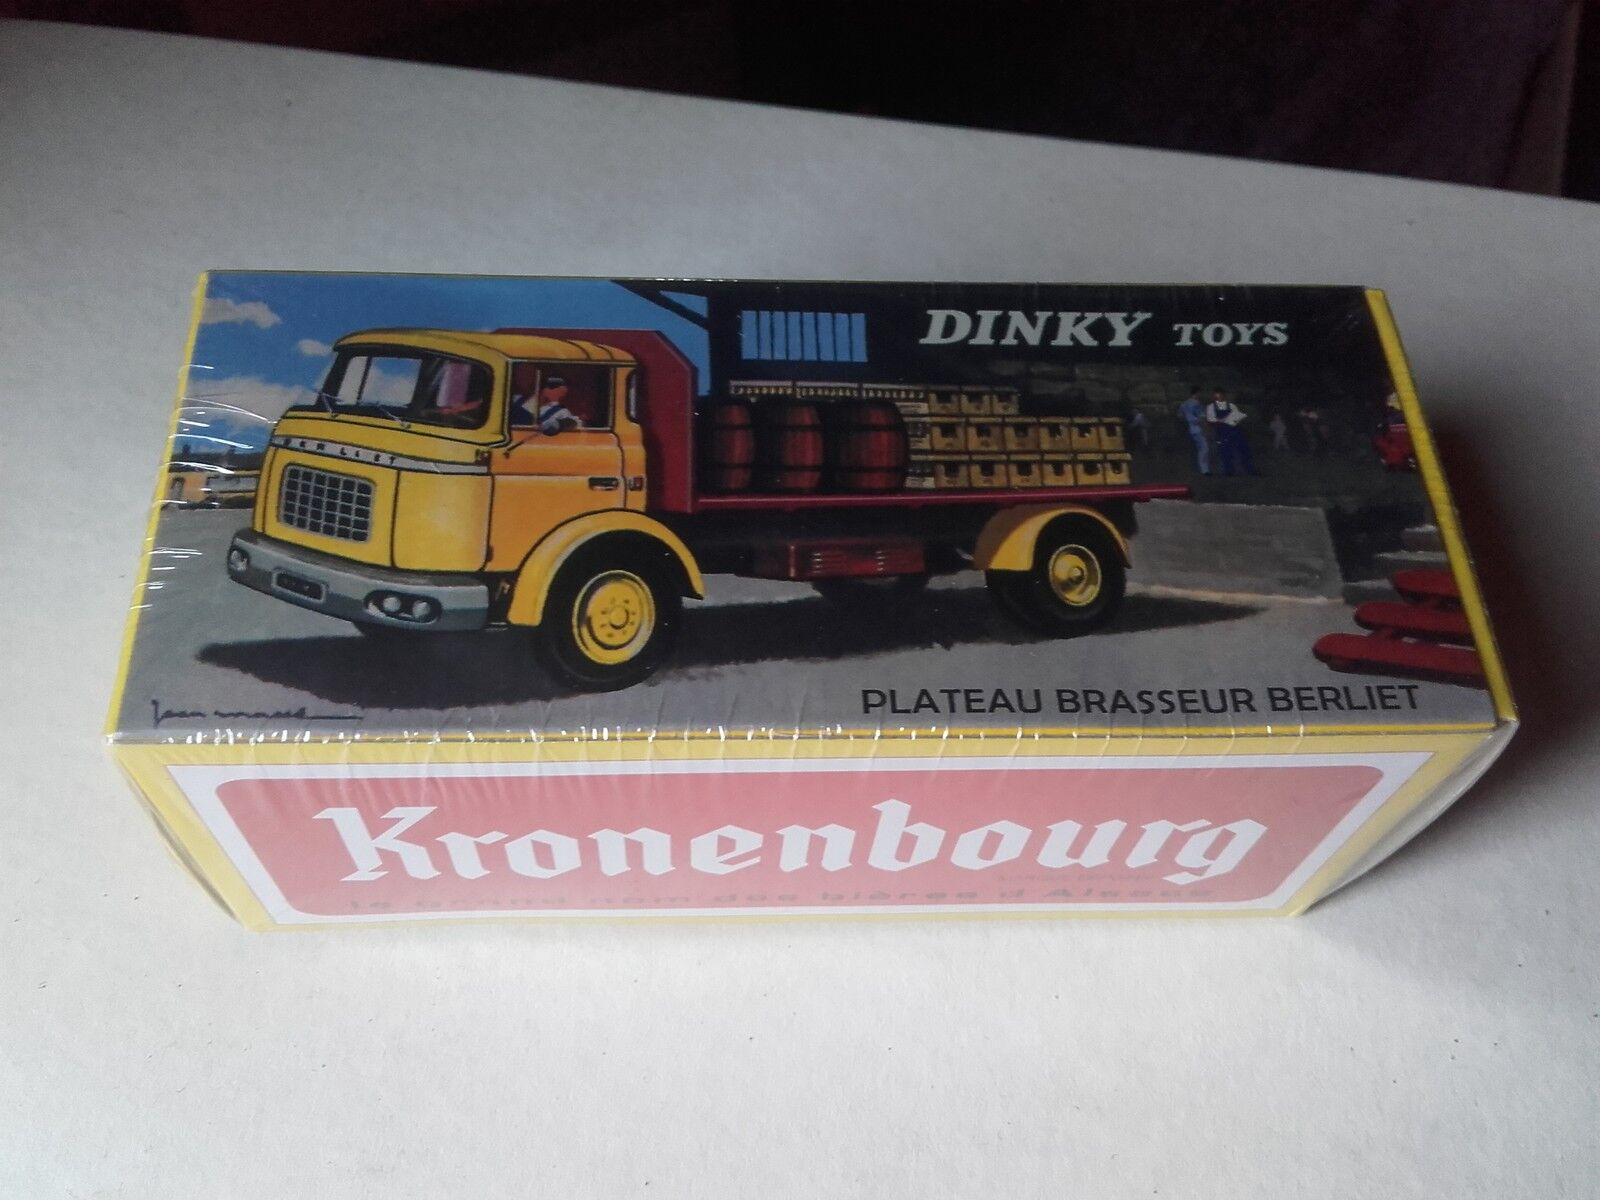 Dinky giocattoli atlas plateau brasseur berliet specialee    kronenbourg c52b08